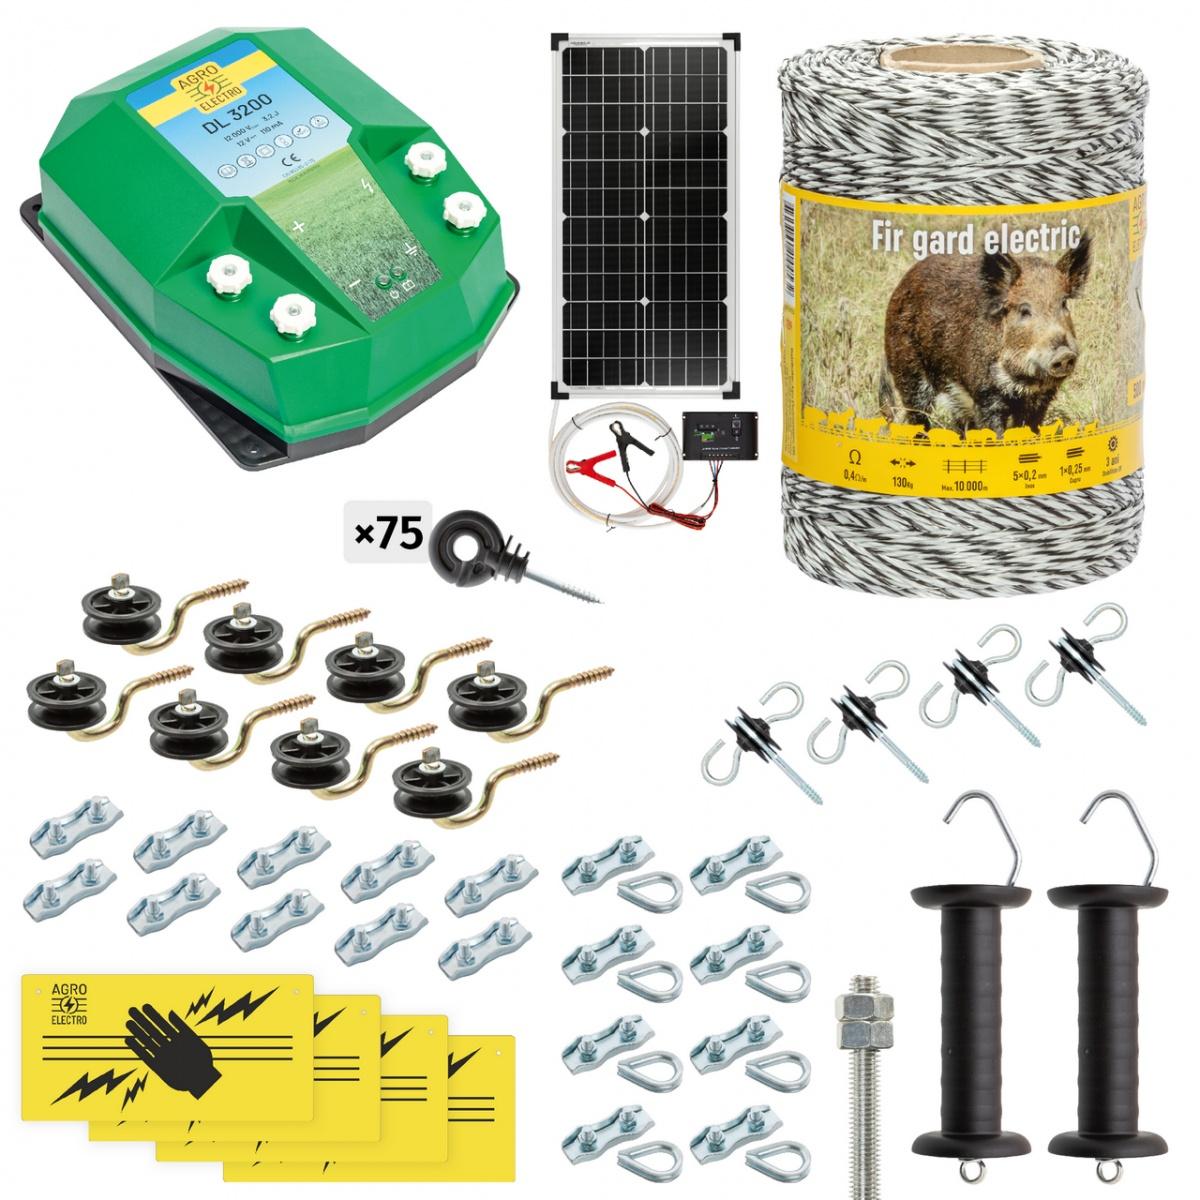 Pachet gard electric complet 500m, 3,2Joule, cu sistem solar, pentru animale sălbatice